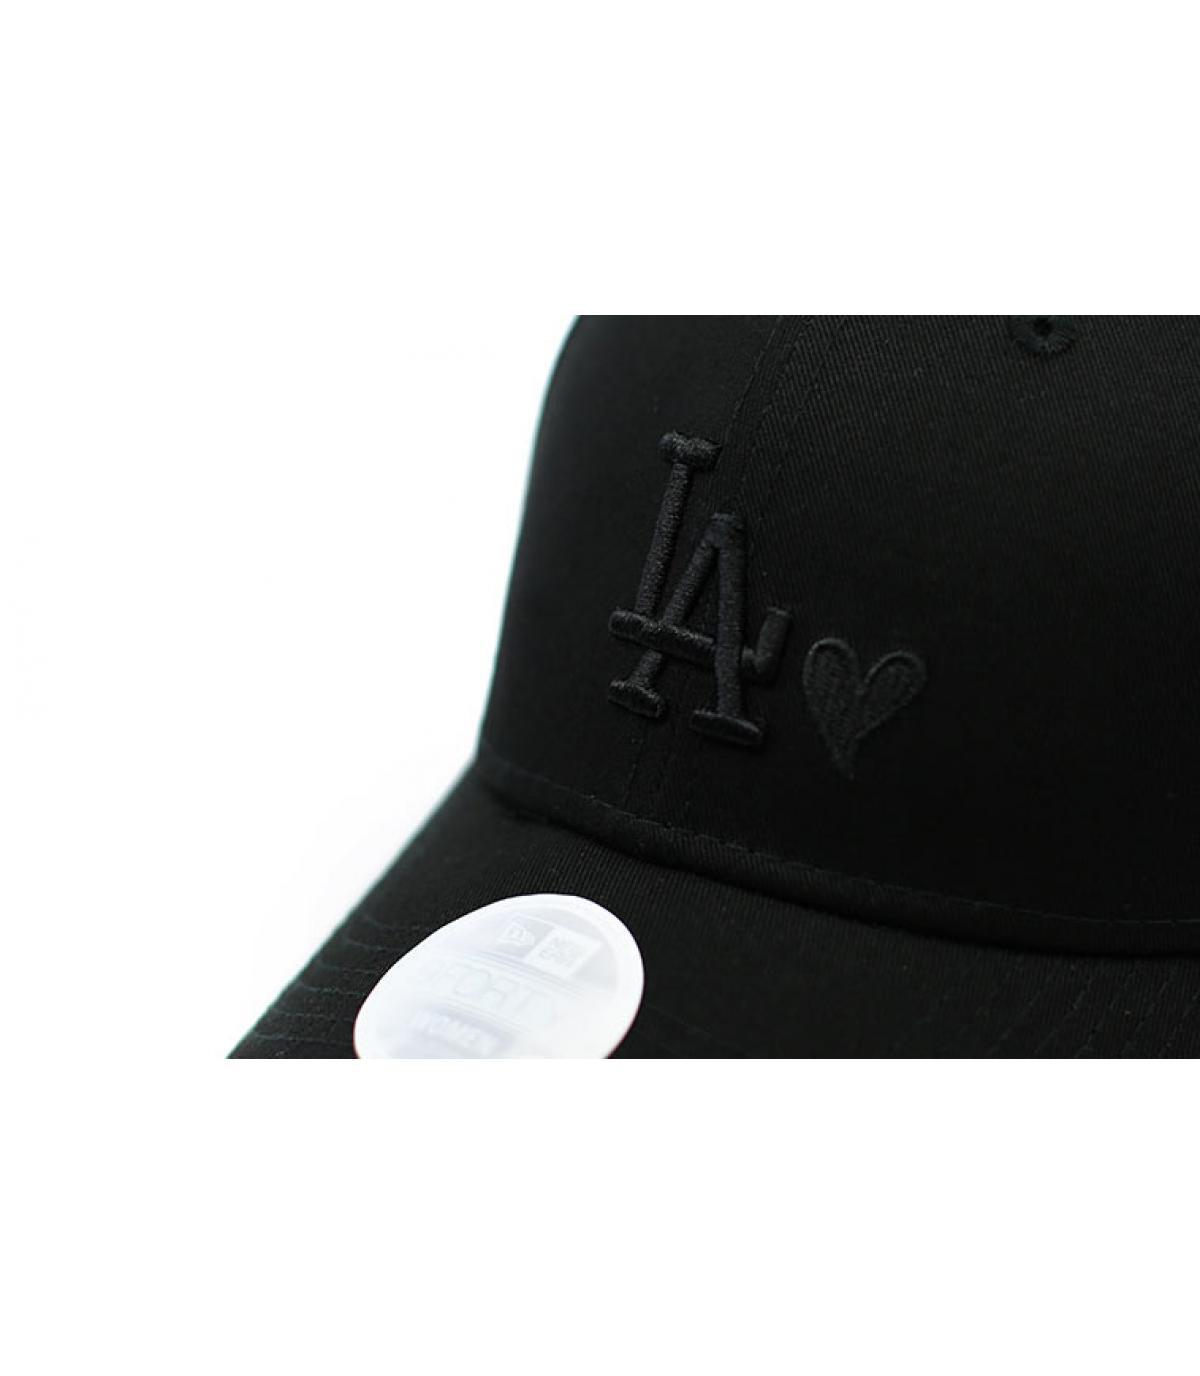 Détails Wmns Heart LA 940 black - image 3